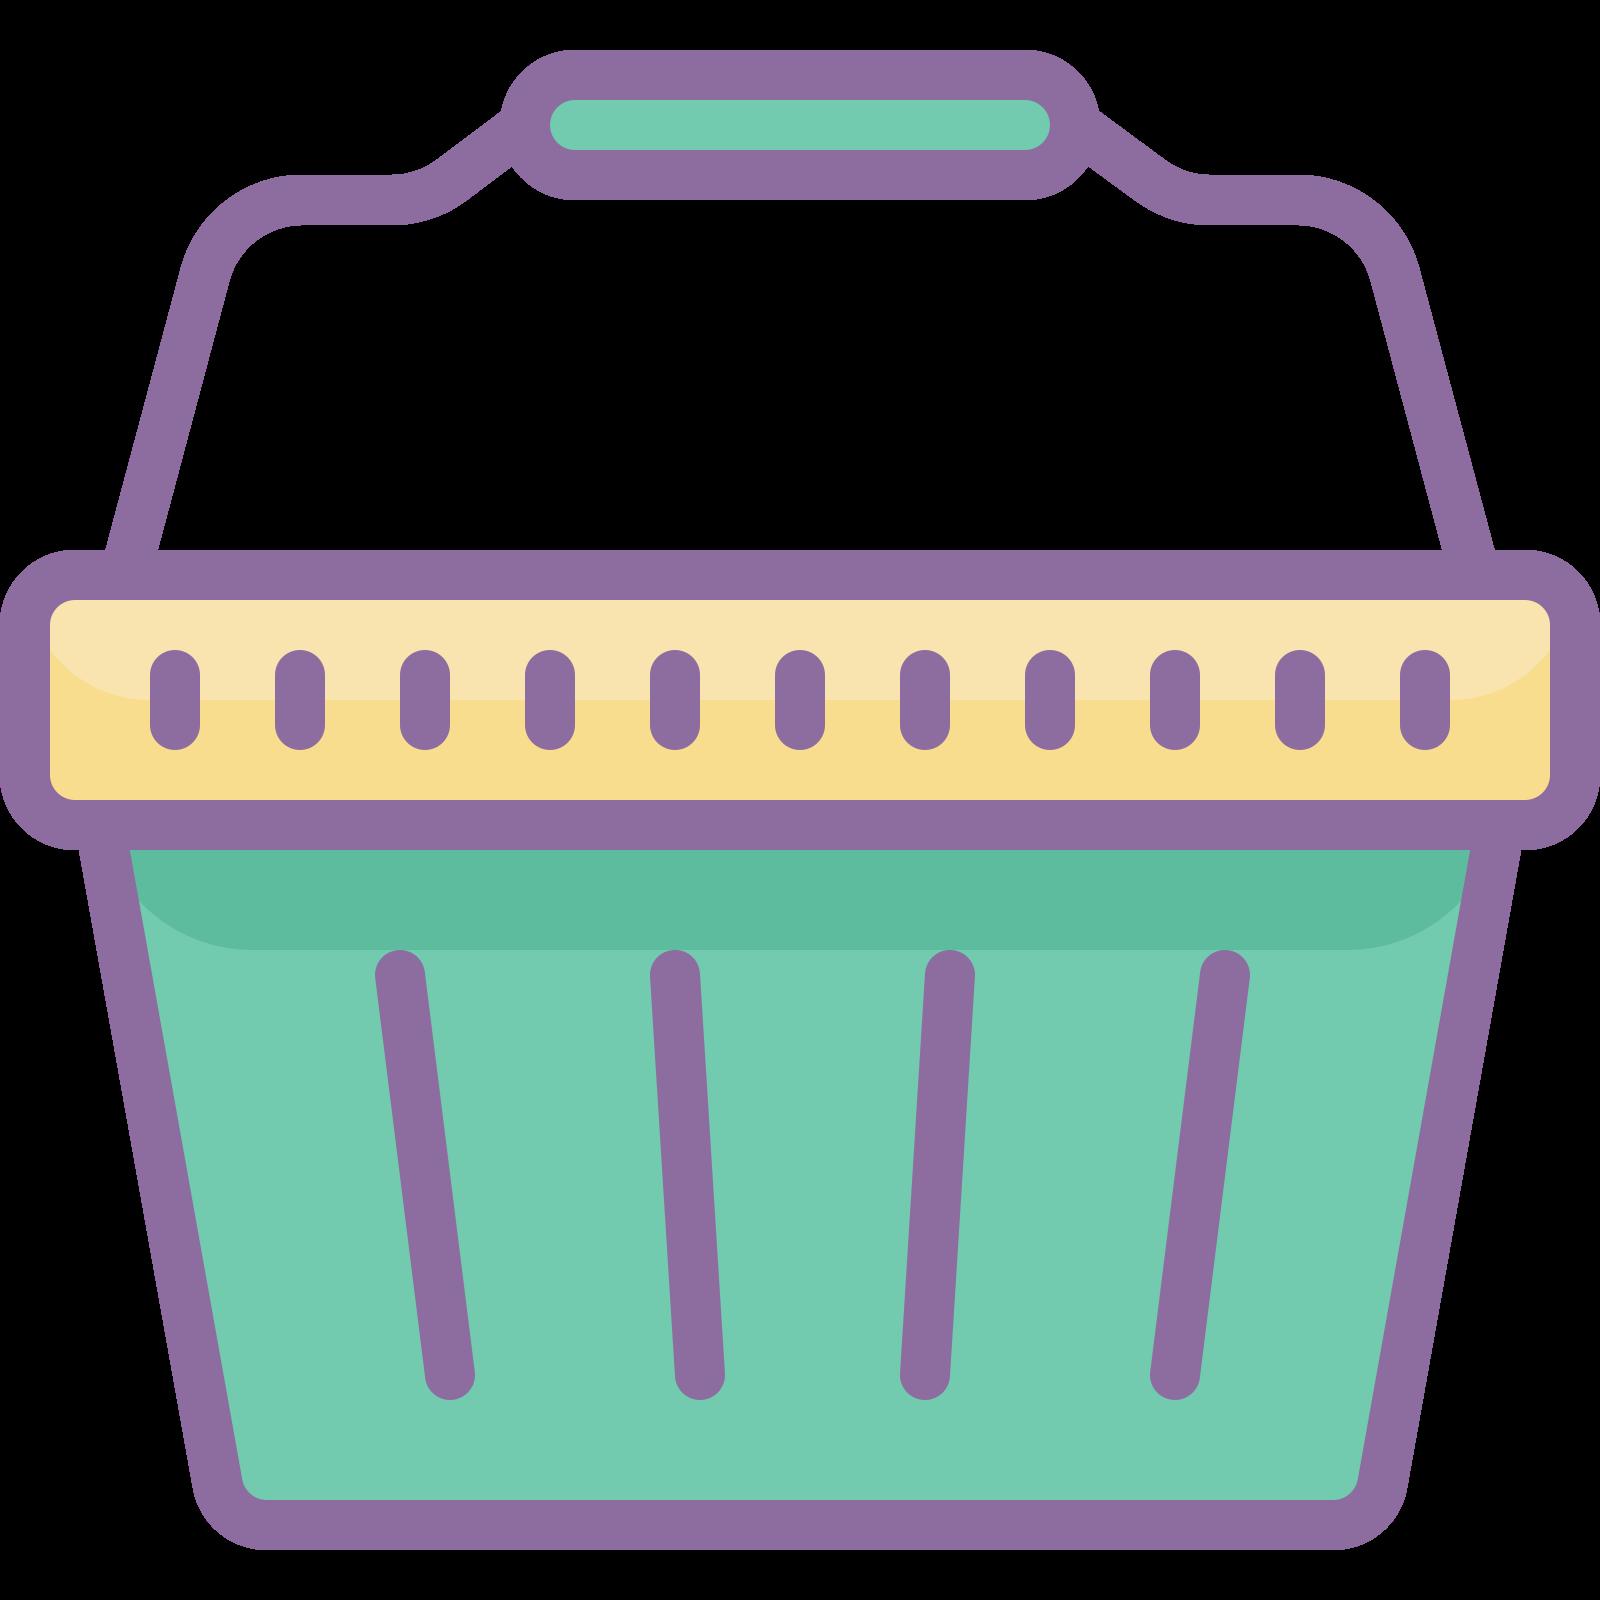 Koszyk 2 icon